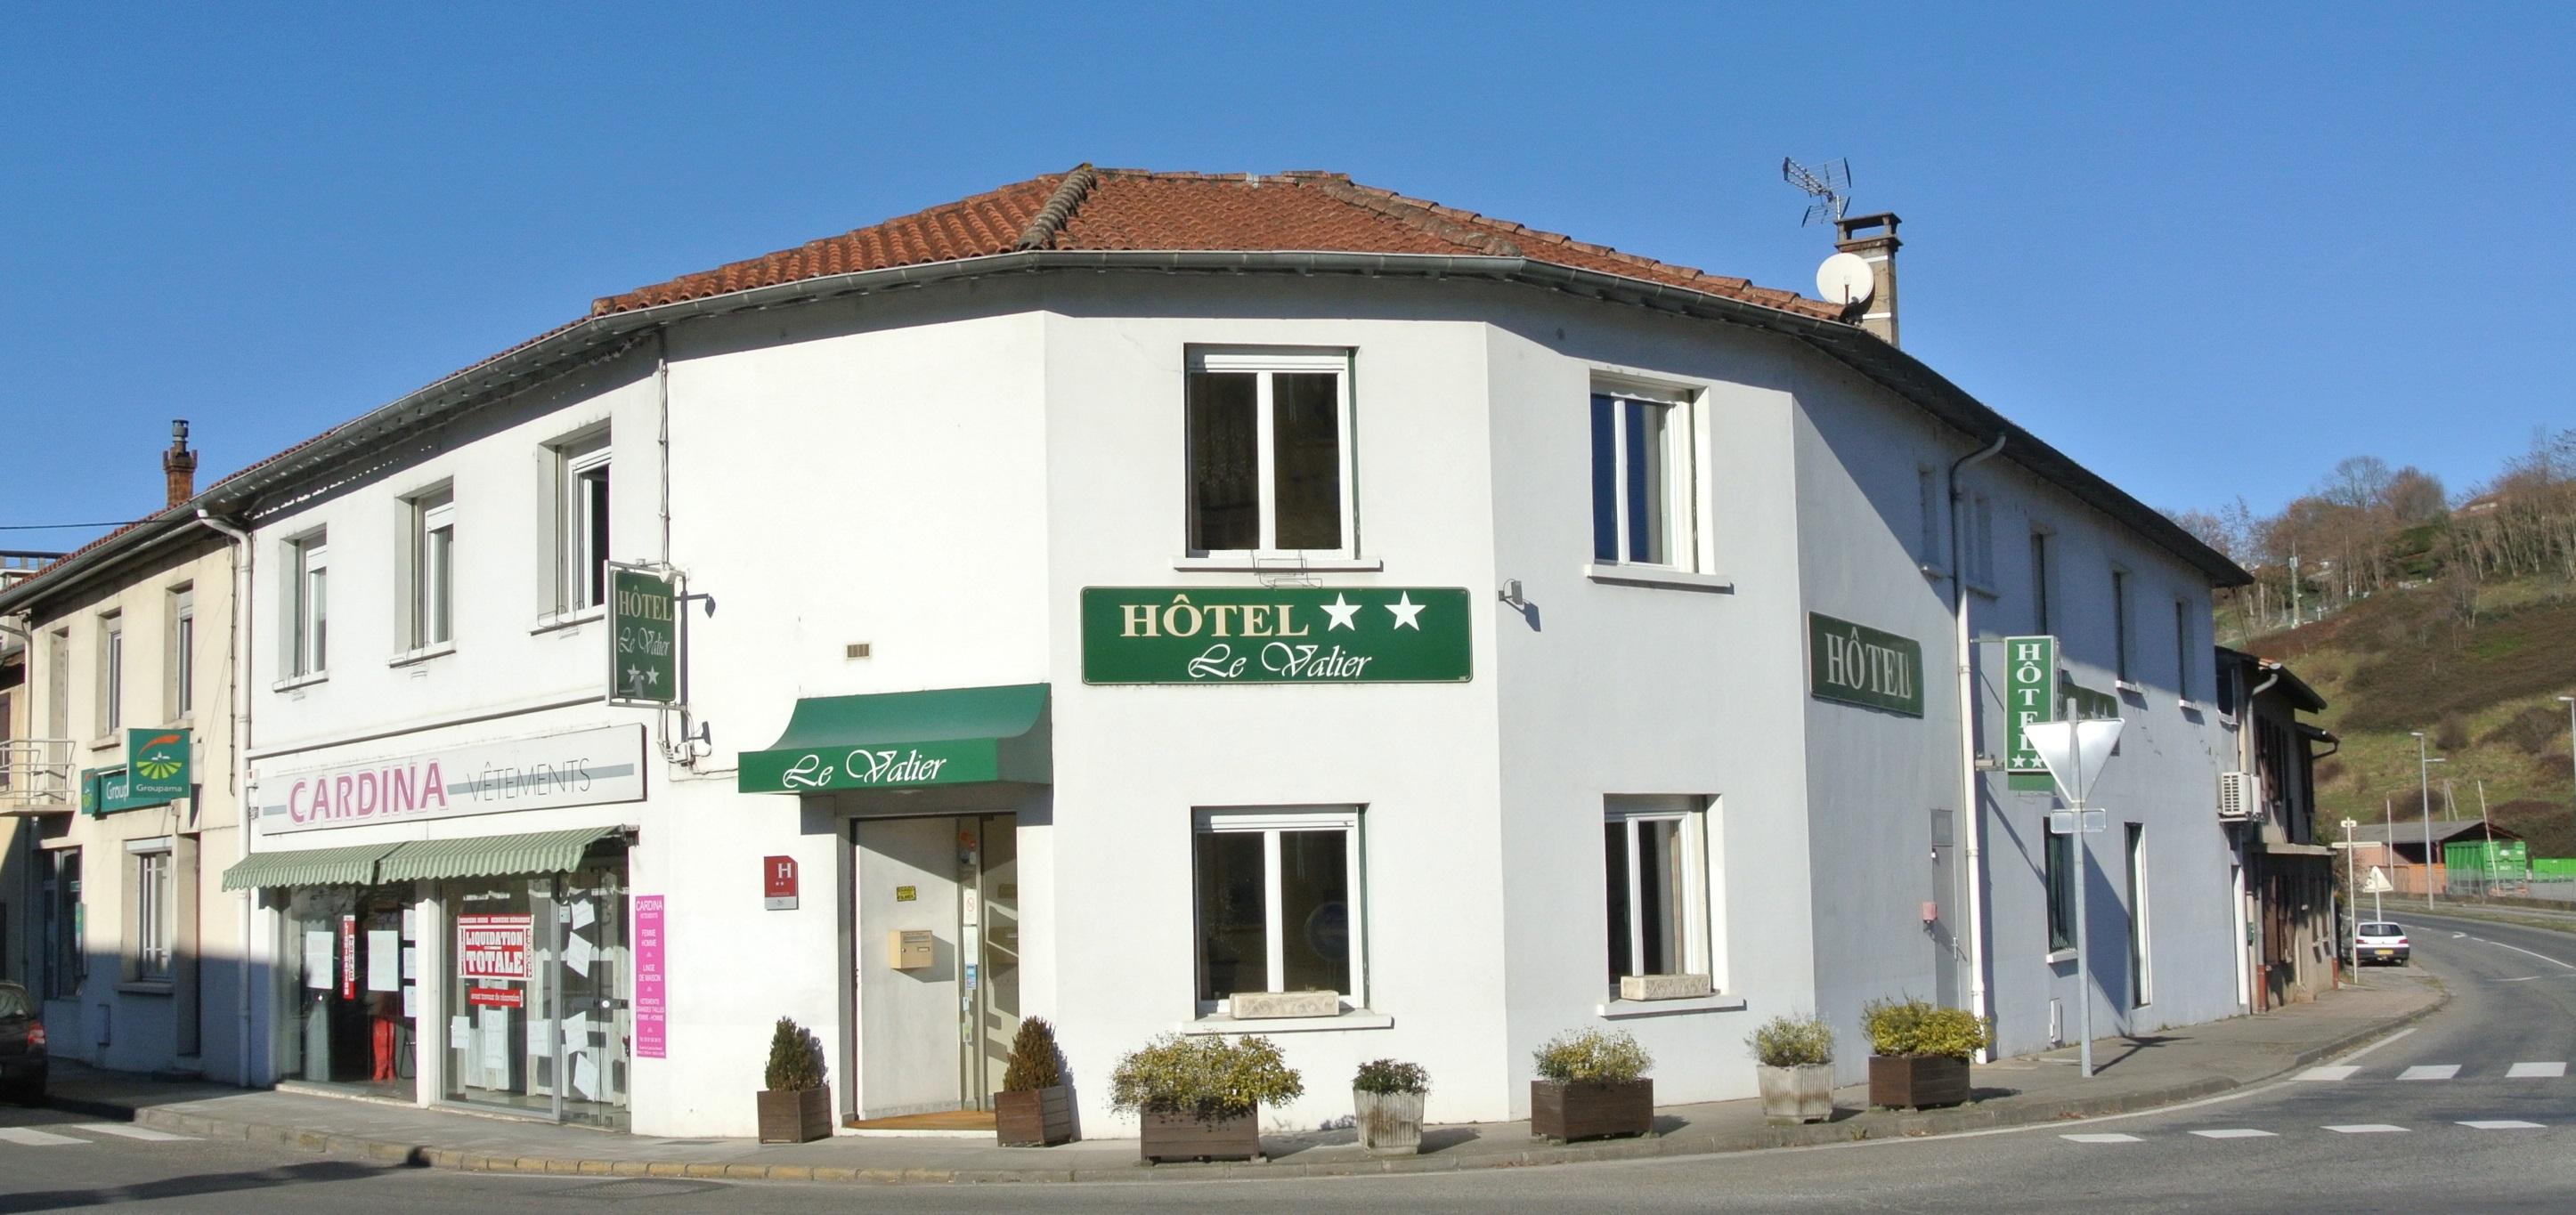 Vue extérieur - Hôtel Le Valier, St Girons, Ariège